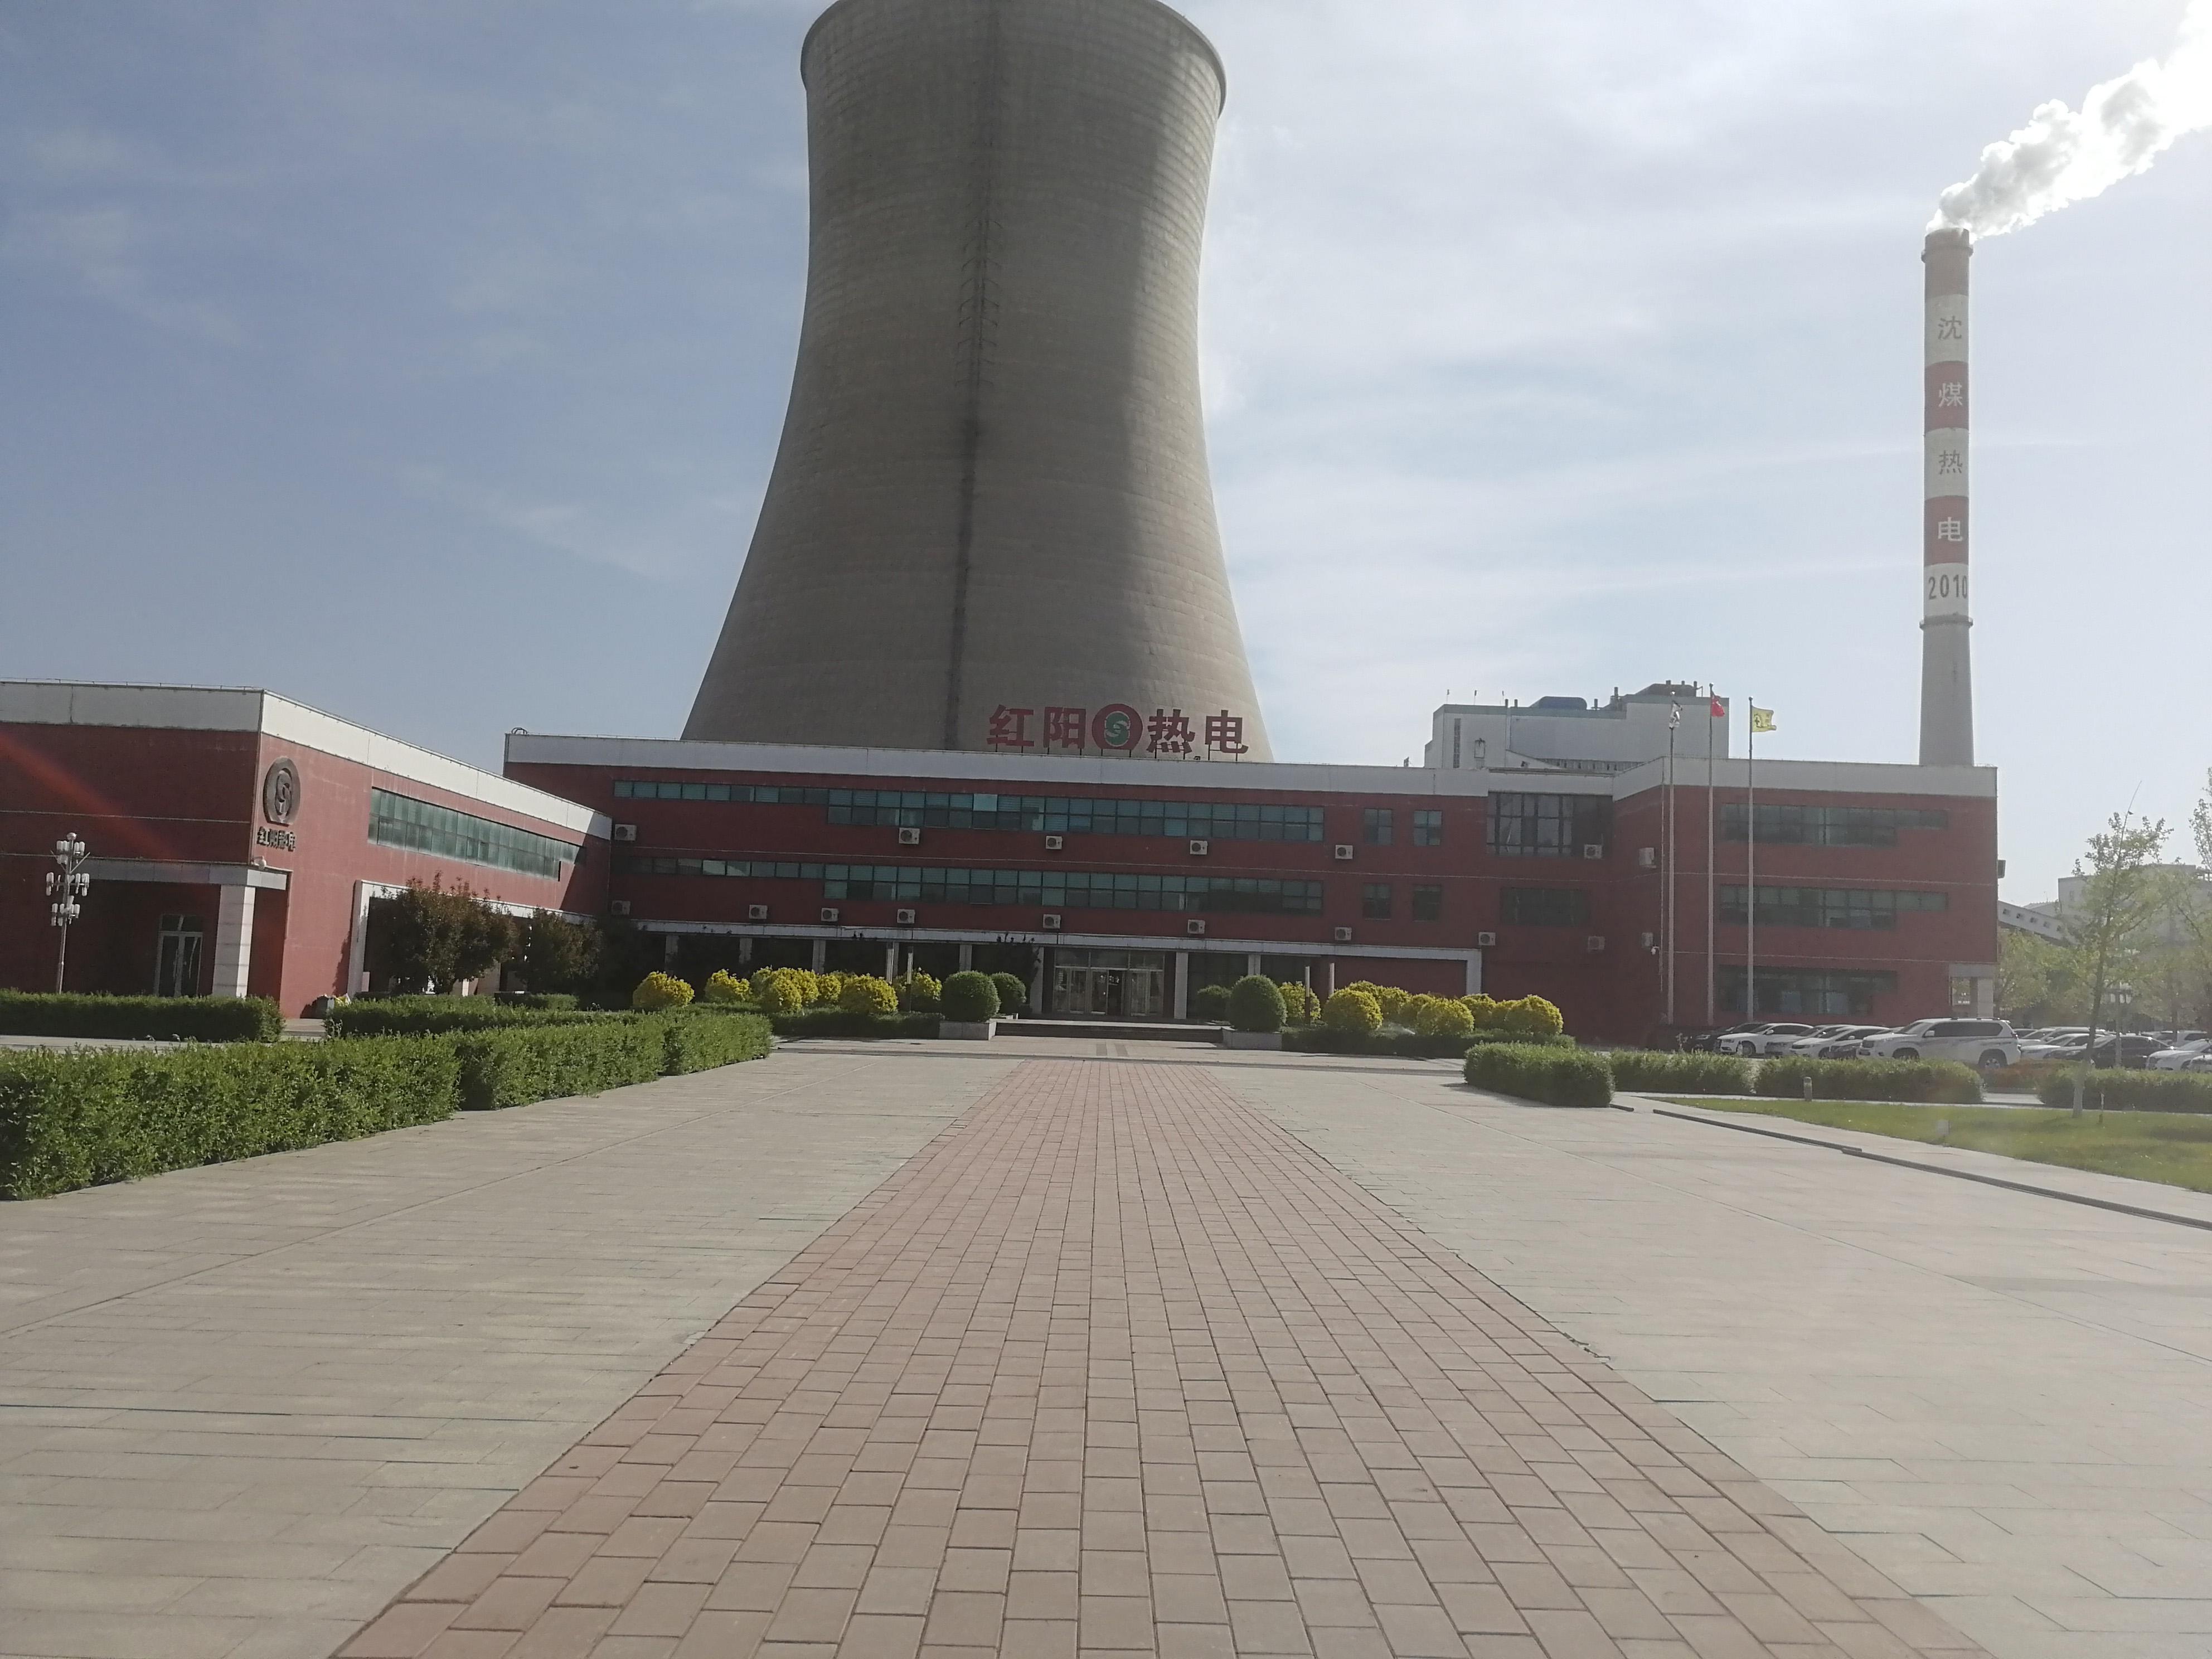 上海炳晟机电科技有限公司与辽宁沈煤红阳热电有限公司合作项目